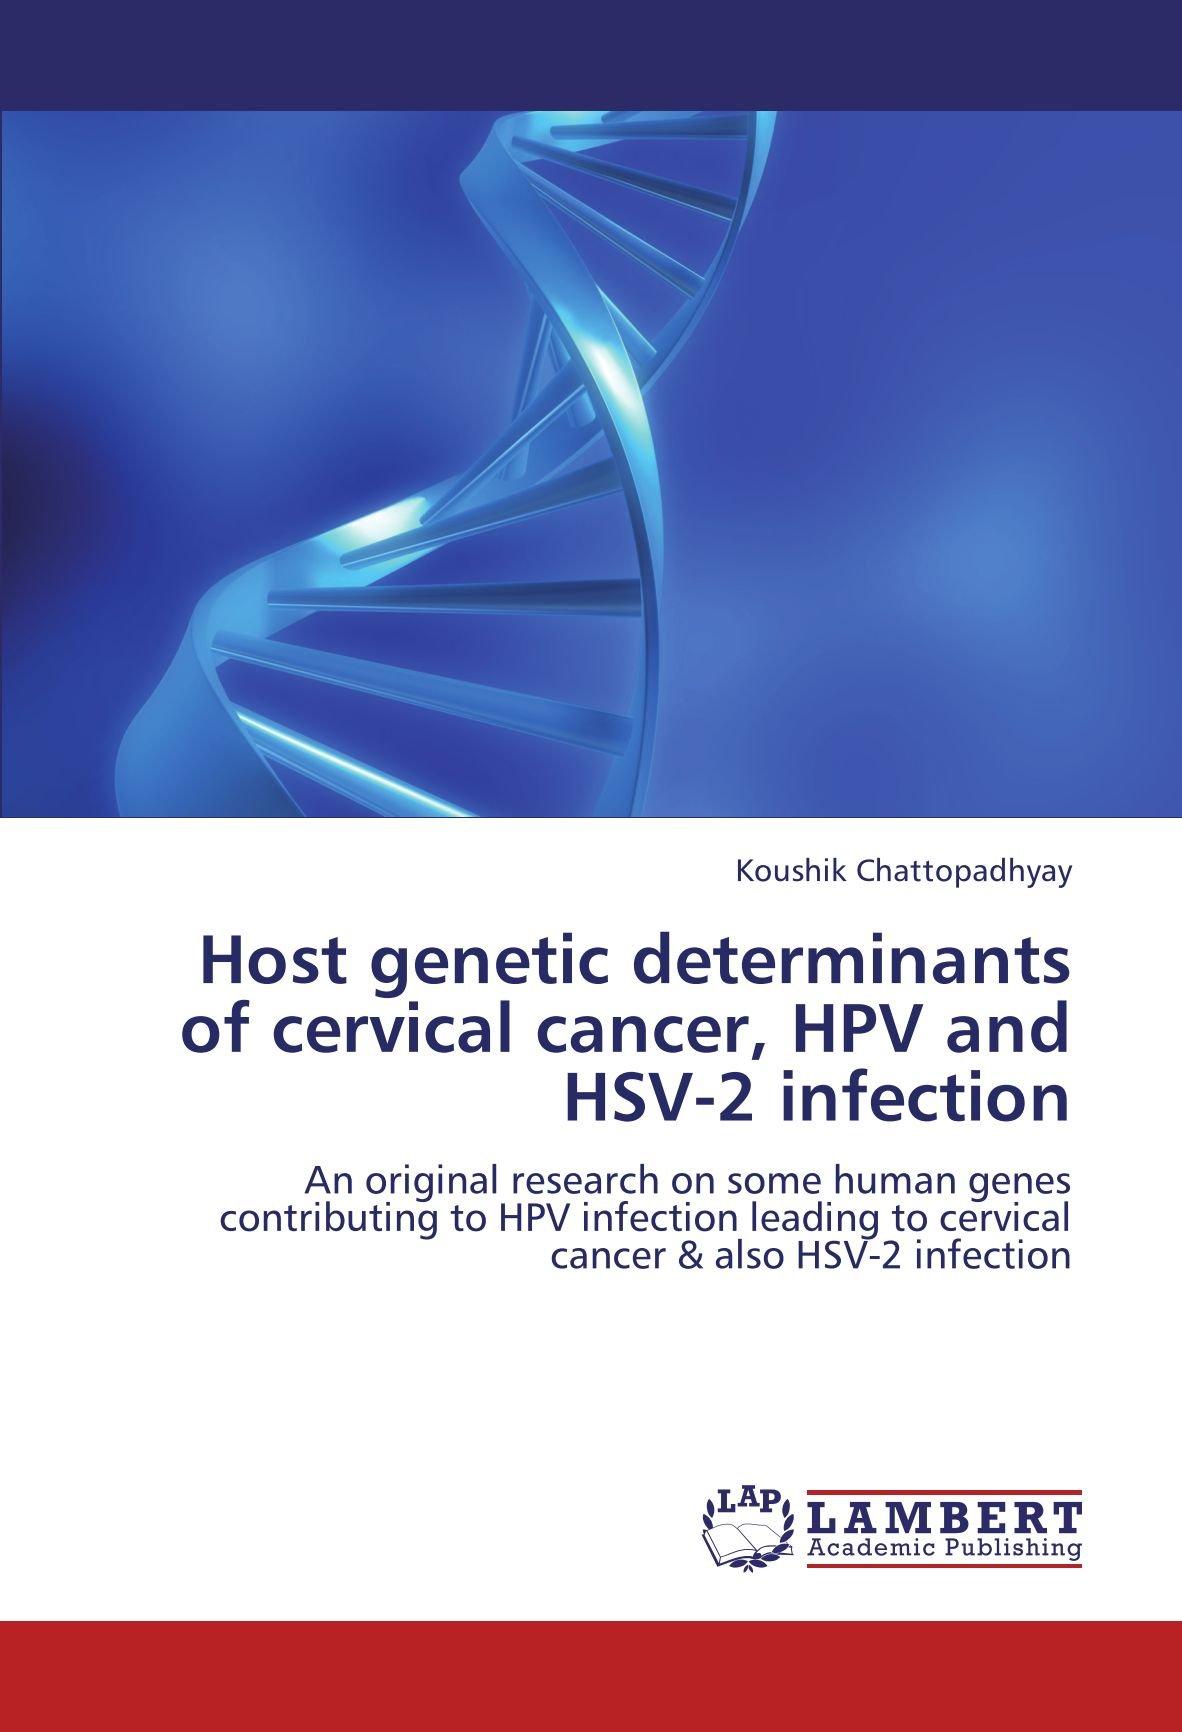 hpv herpes cervical cancer